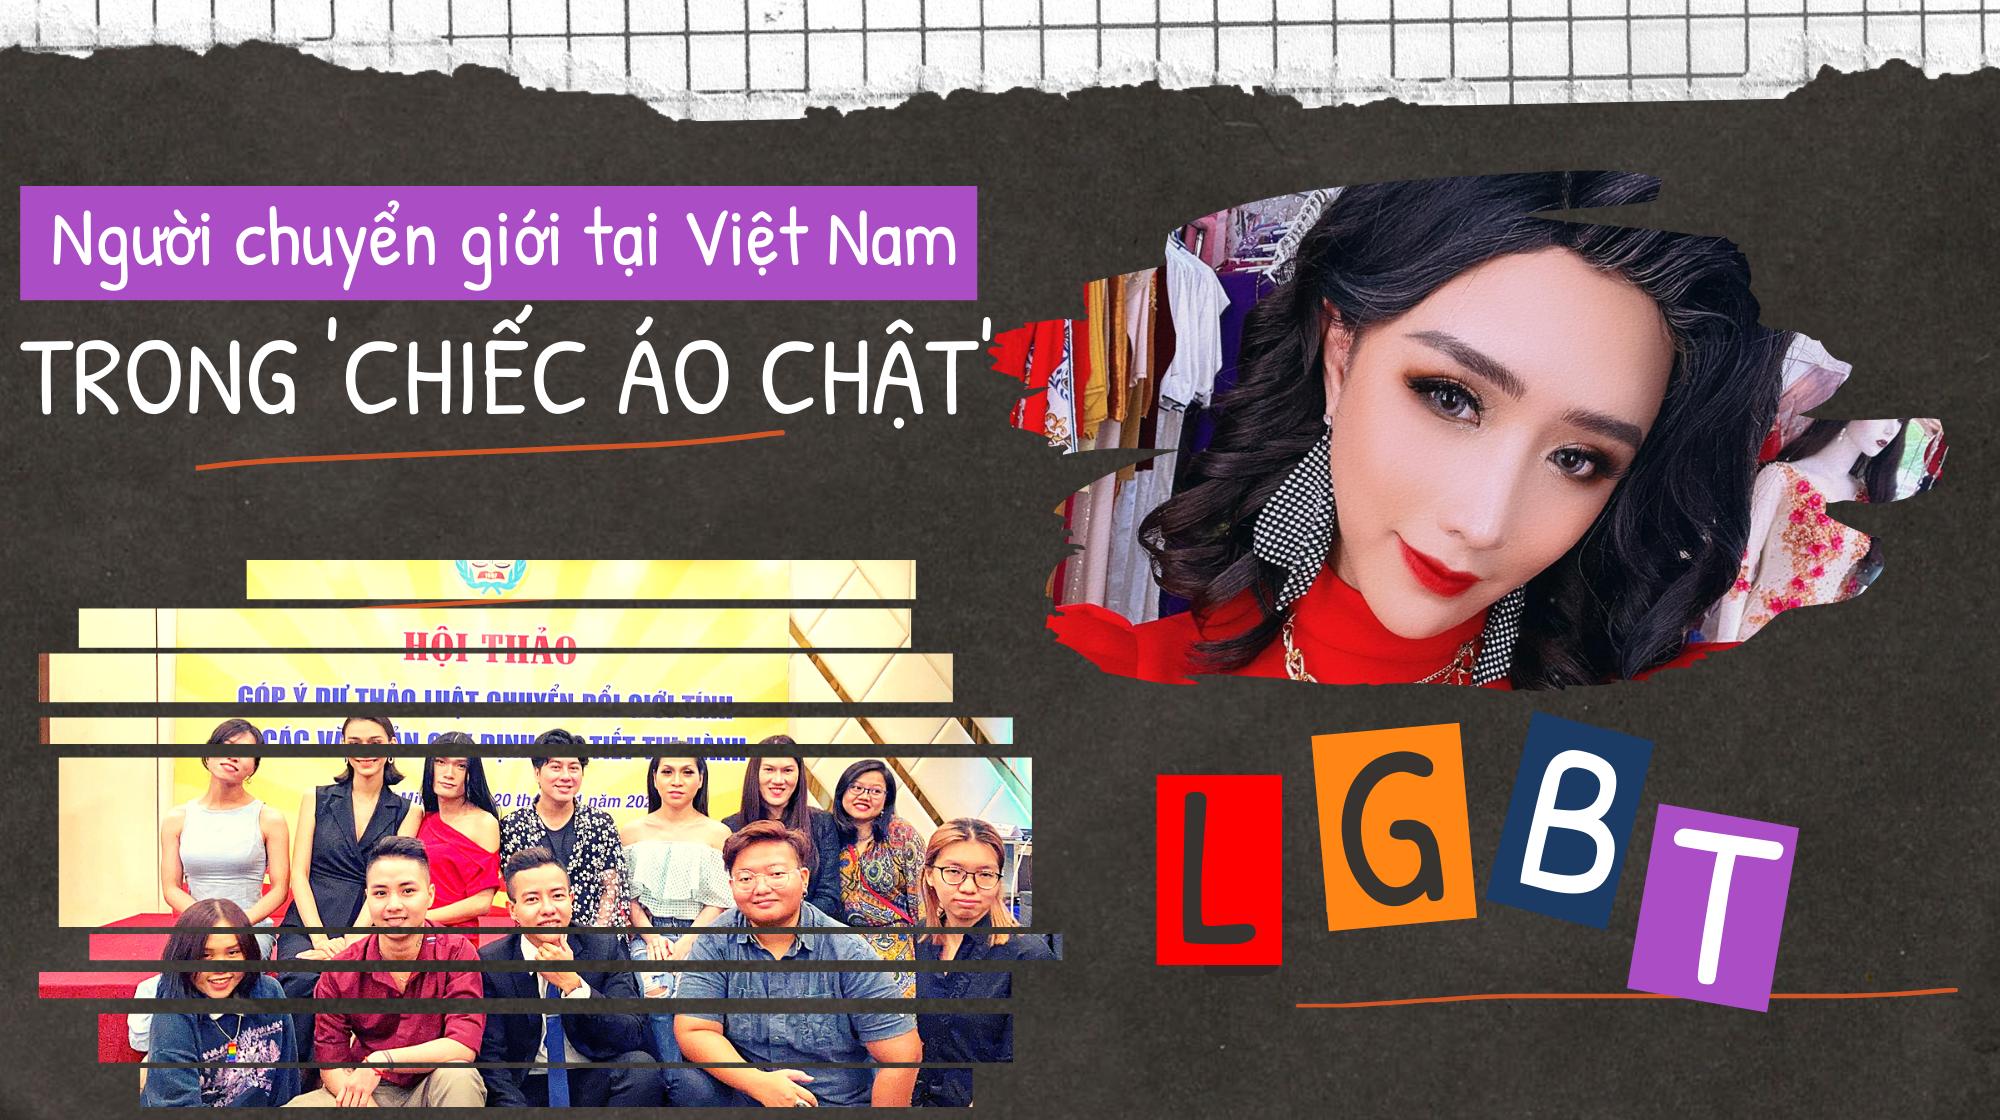 Người chuyển giới tại Việt Nam trong 'chiếc áo chật'